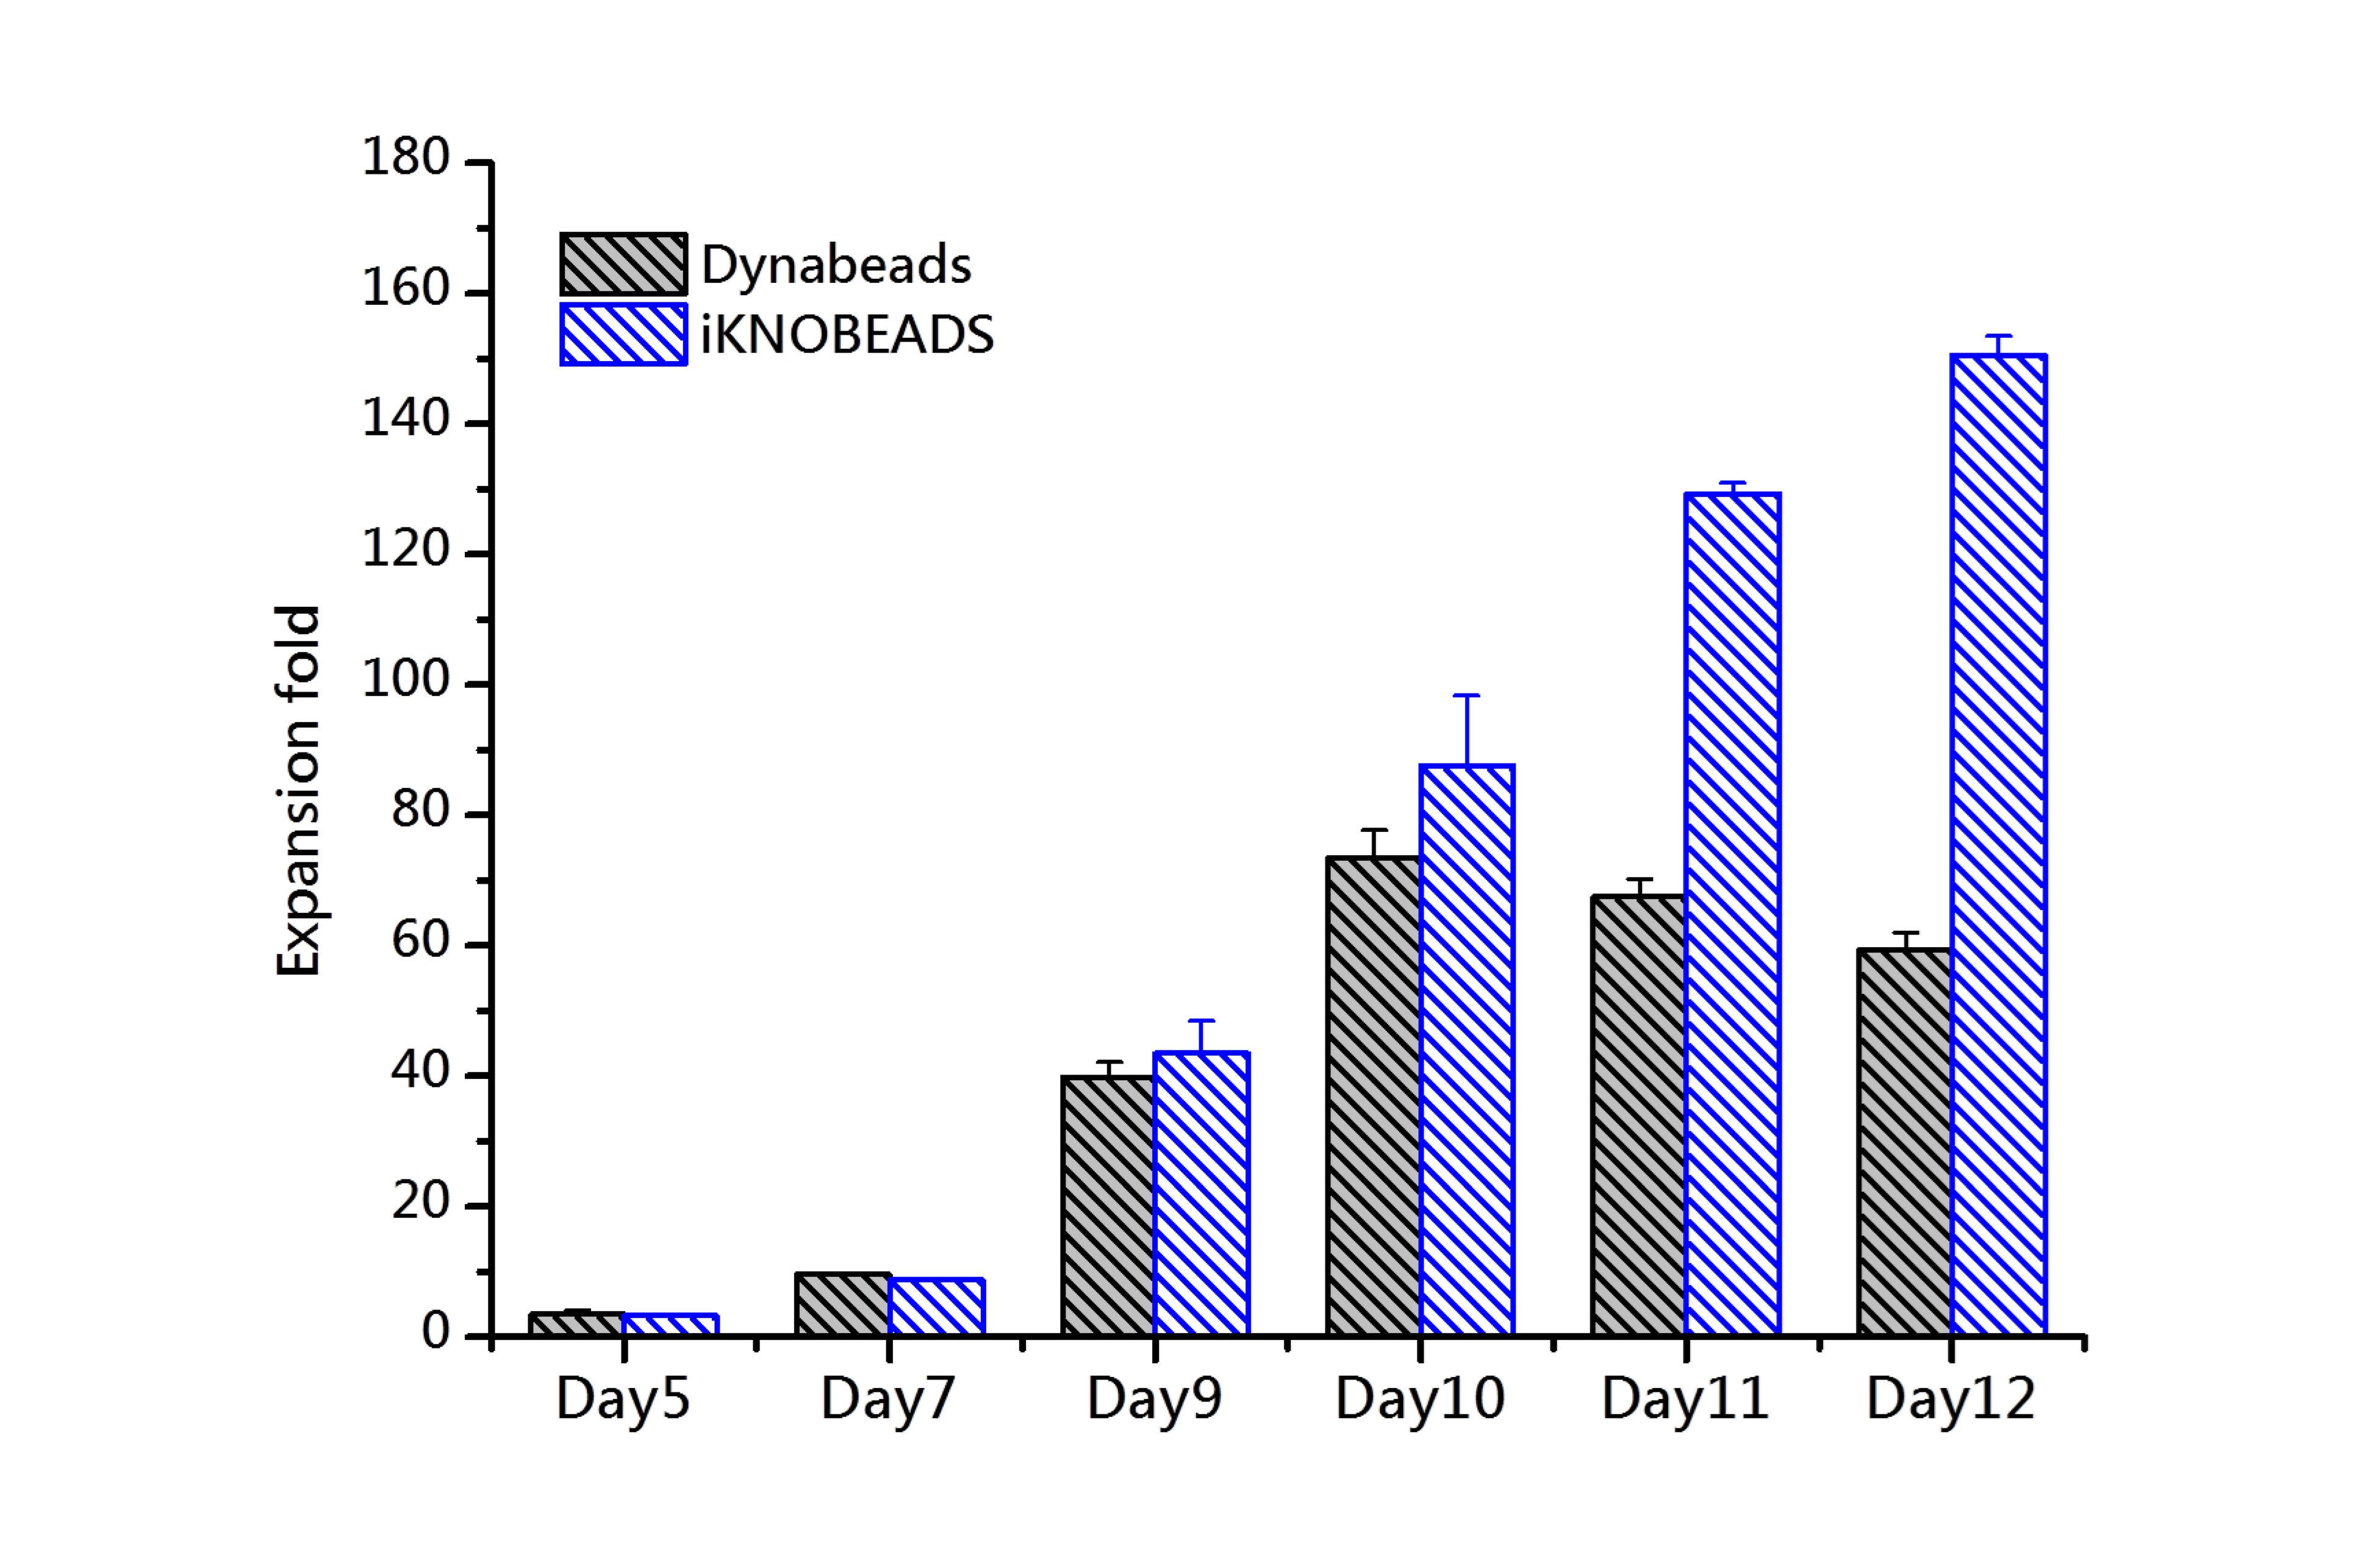 αβT免疫細胞經過Dynabeads和iKNOBEADS活化後的細胞擴增倍率